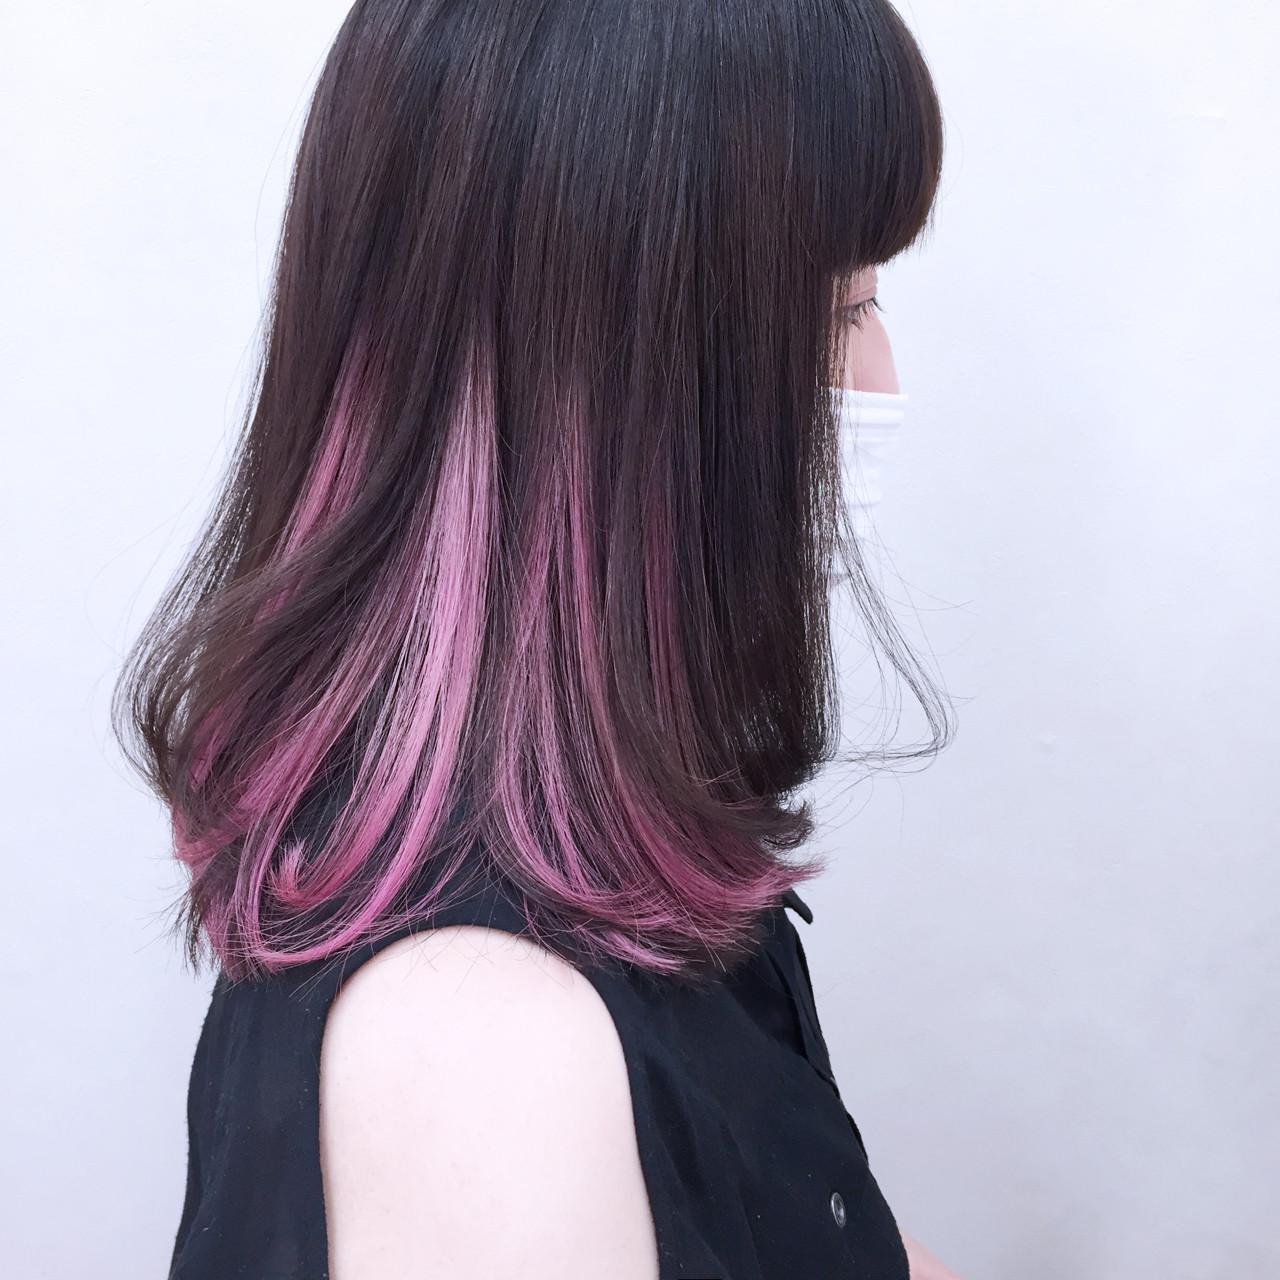 レッド インナーカラー 外国人風 色気 ヘアスタイルや髪型の写真・画像